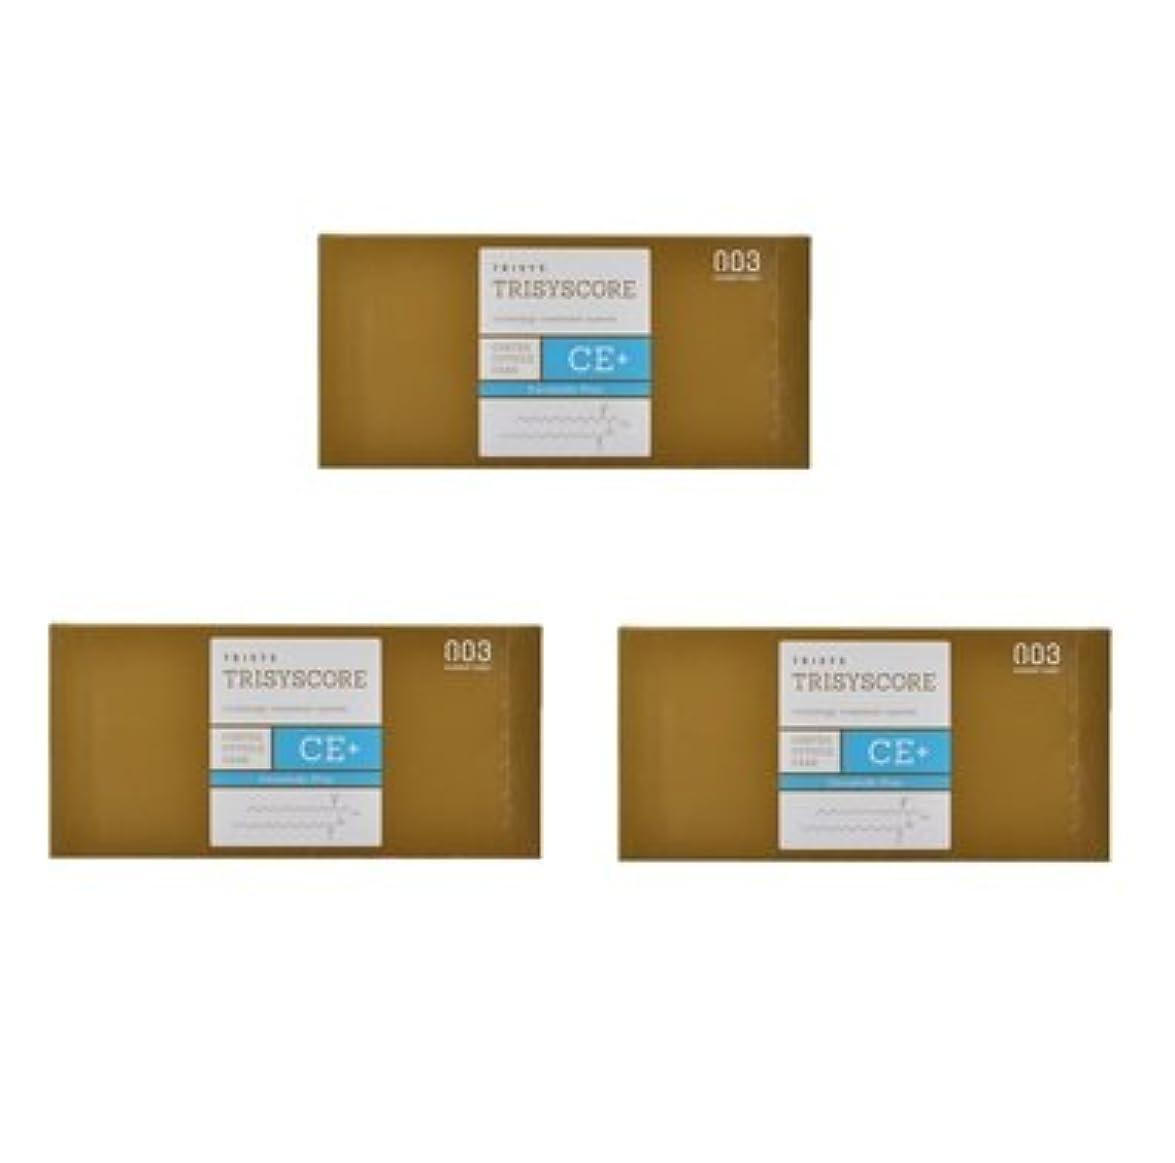 何よりも霧常習的【X3個セット】ナンバースリー トリシスコア CEプラス (ヘアトリートメント) 12g × 4包入り